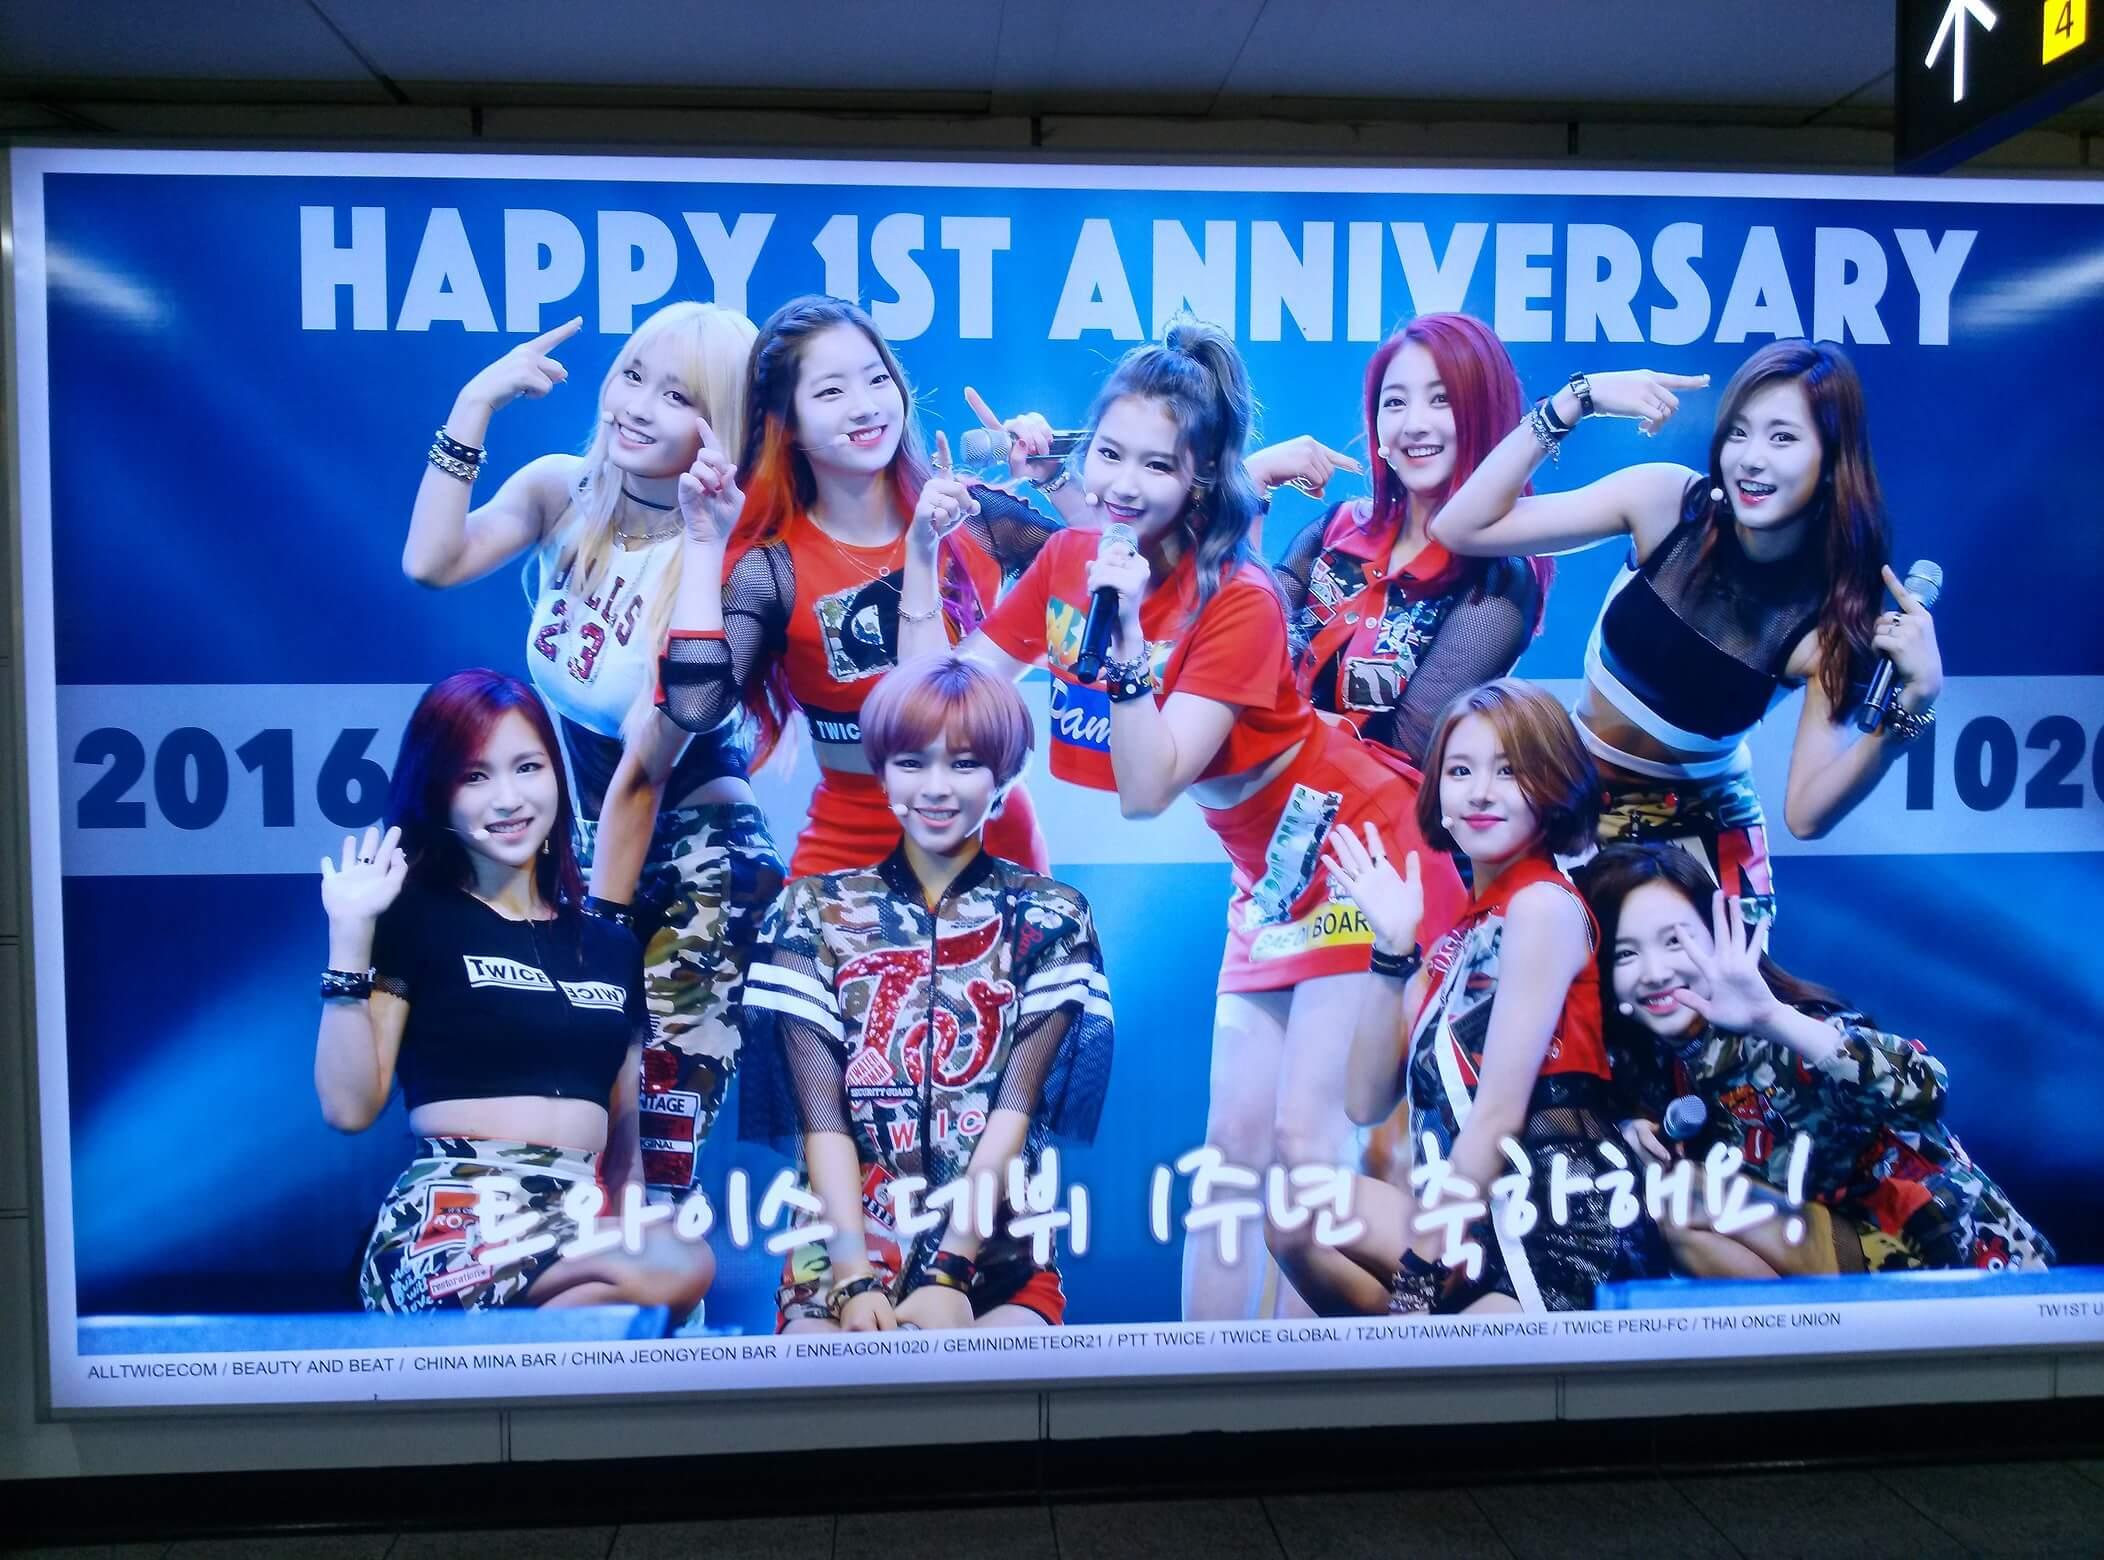 Ein typisches Bild in einem U-Bahnhof in Seoul. Das Bild zeigt die Girlgroup TWICE.